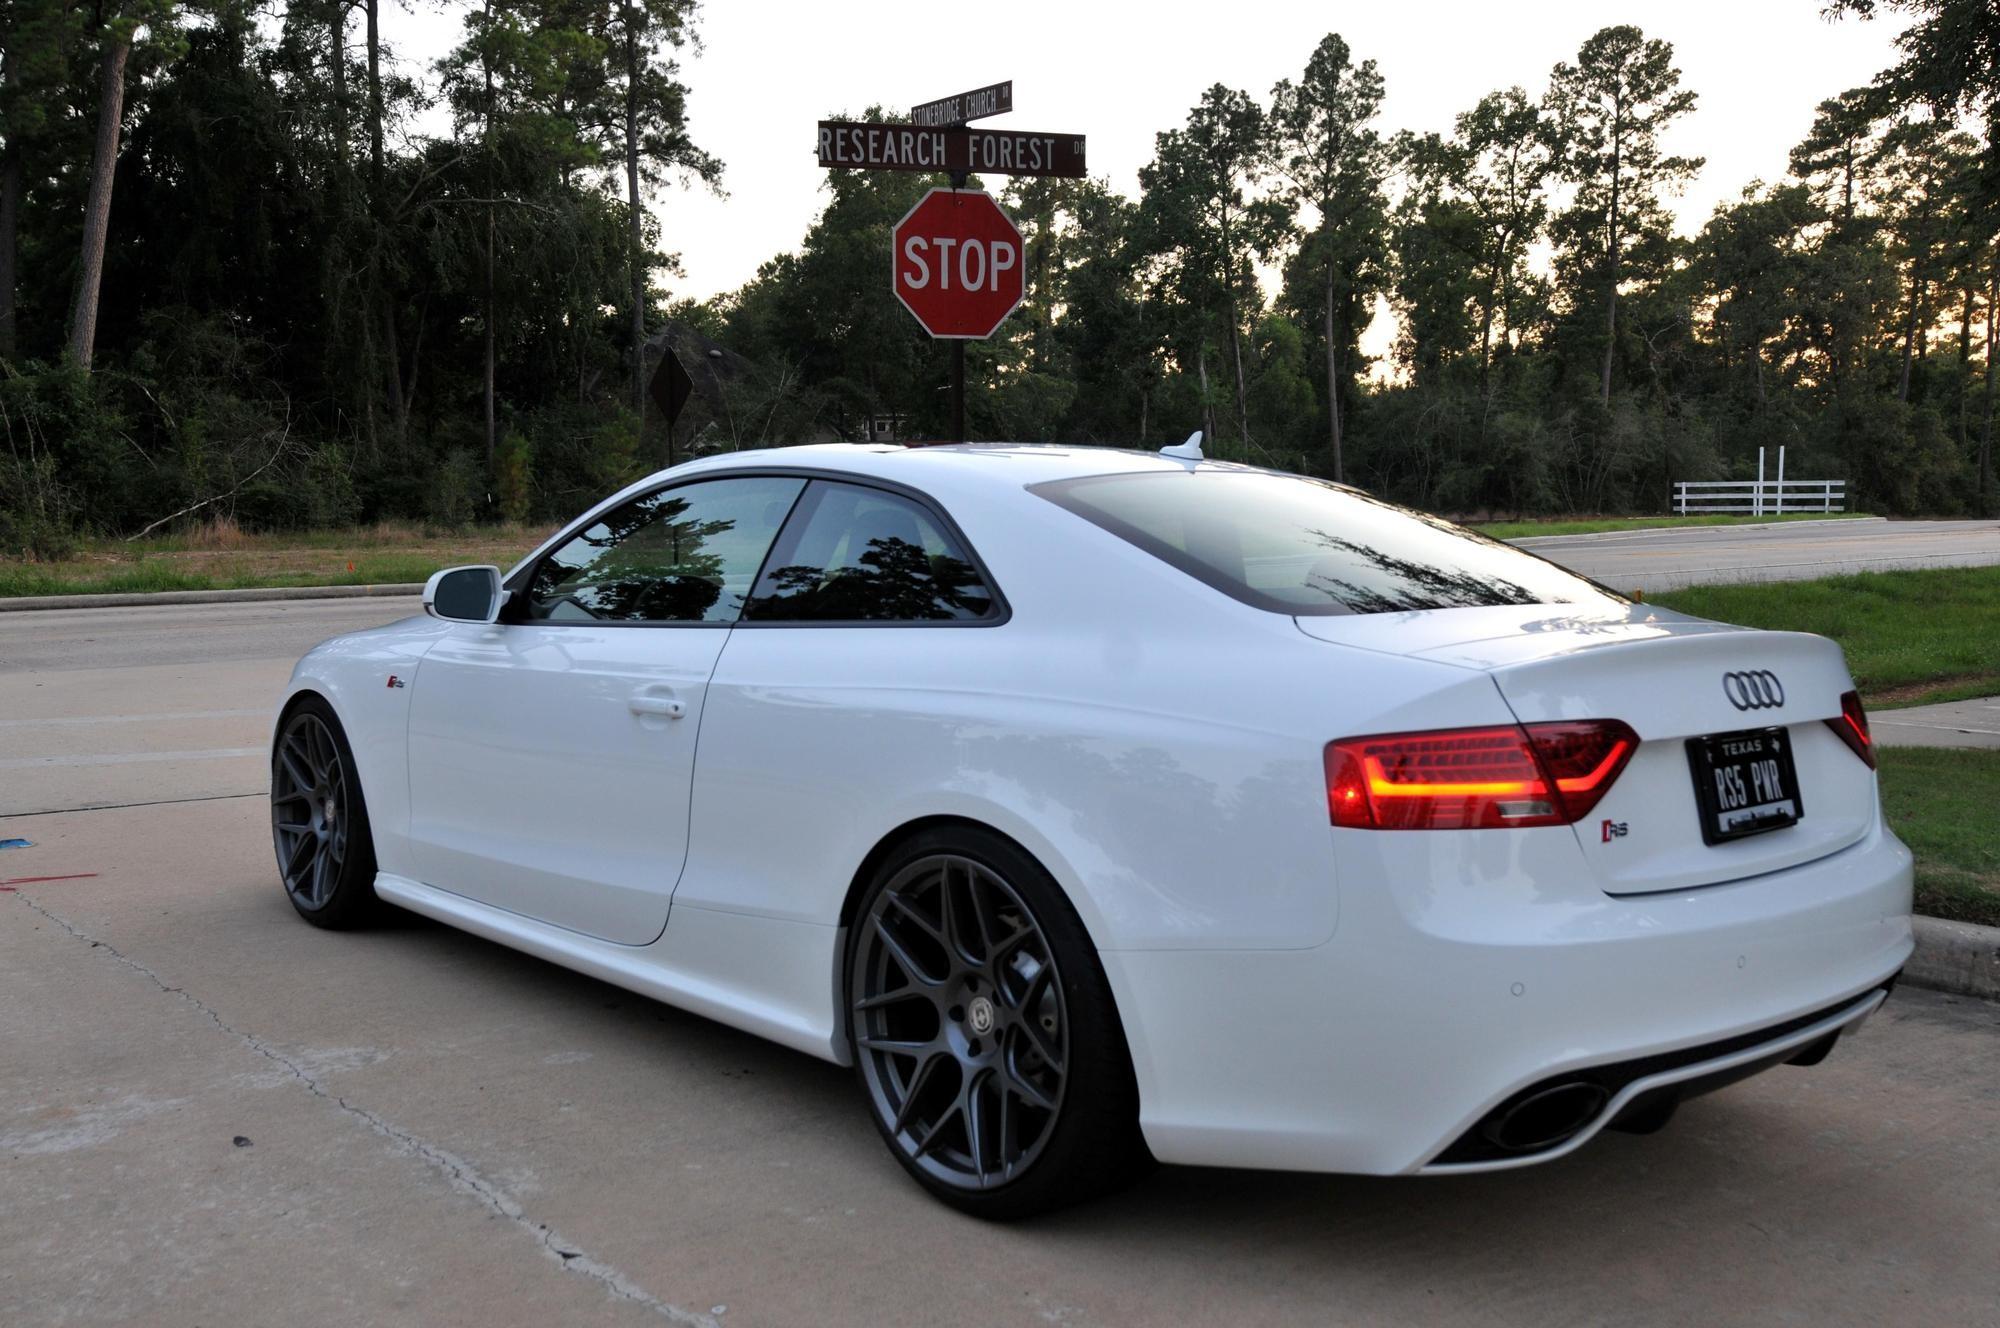 Res: 2000x1328, Audi S5 hd wallpaper